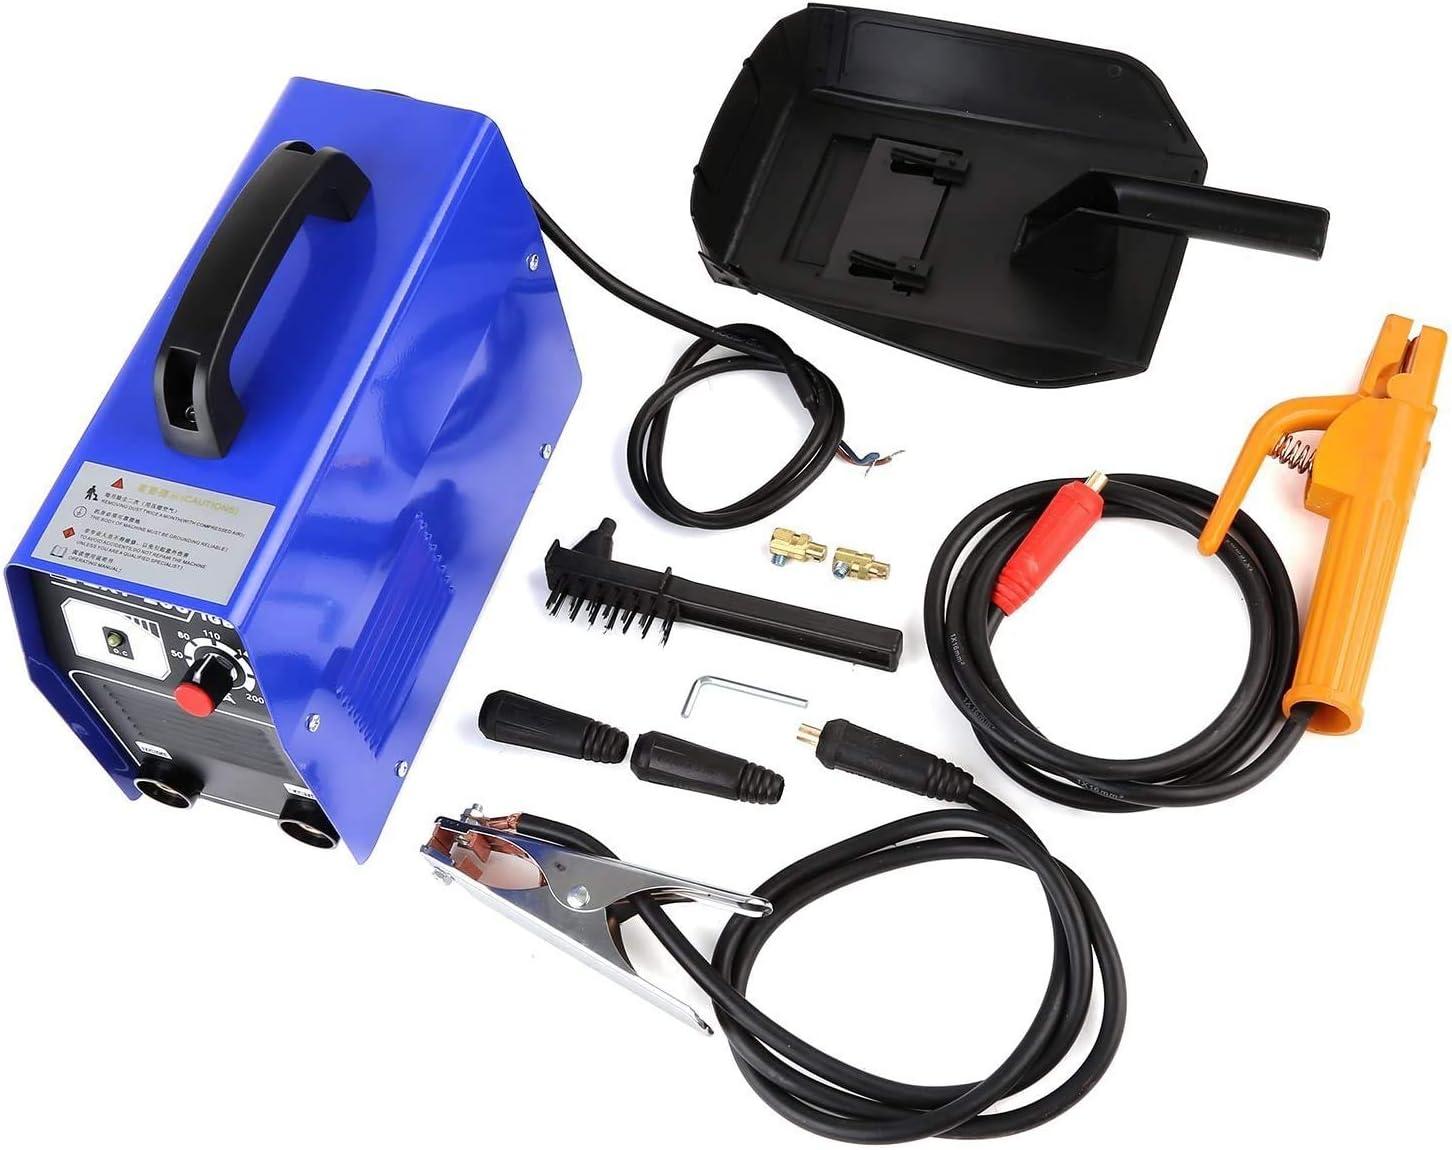 pour Usage Domestique 220 V avec Etui Fixkit Poste /à Souder Inverter IGBT Portatif /à Electrode en Courant Continu 200 A 20